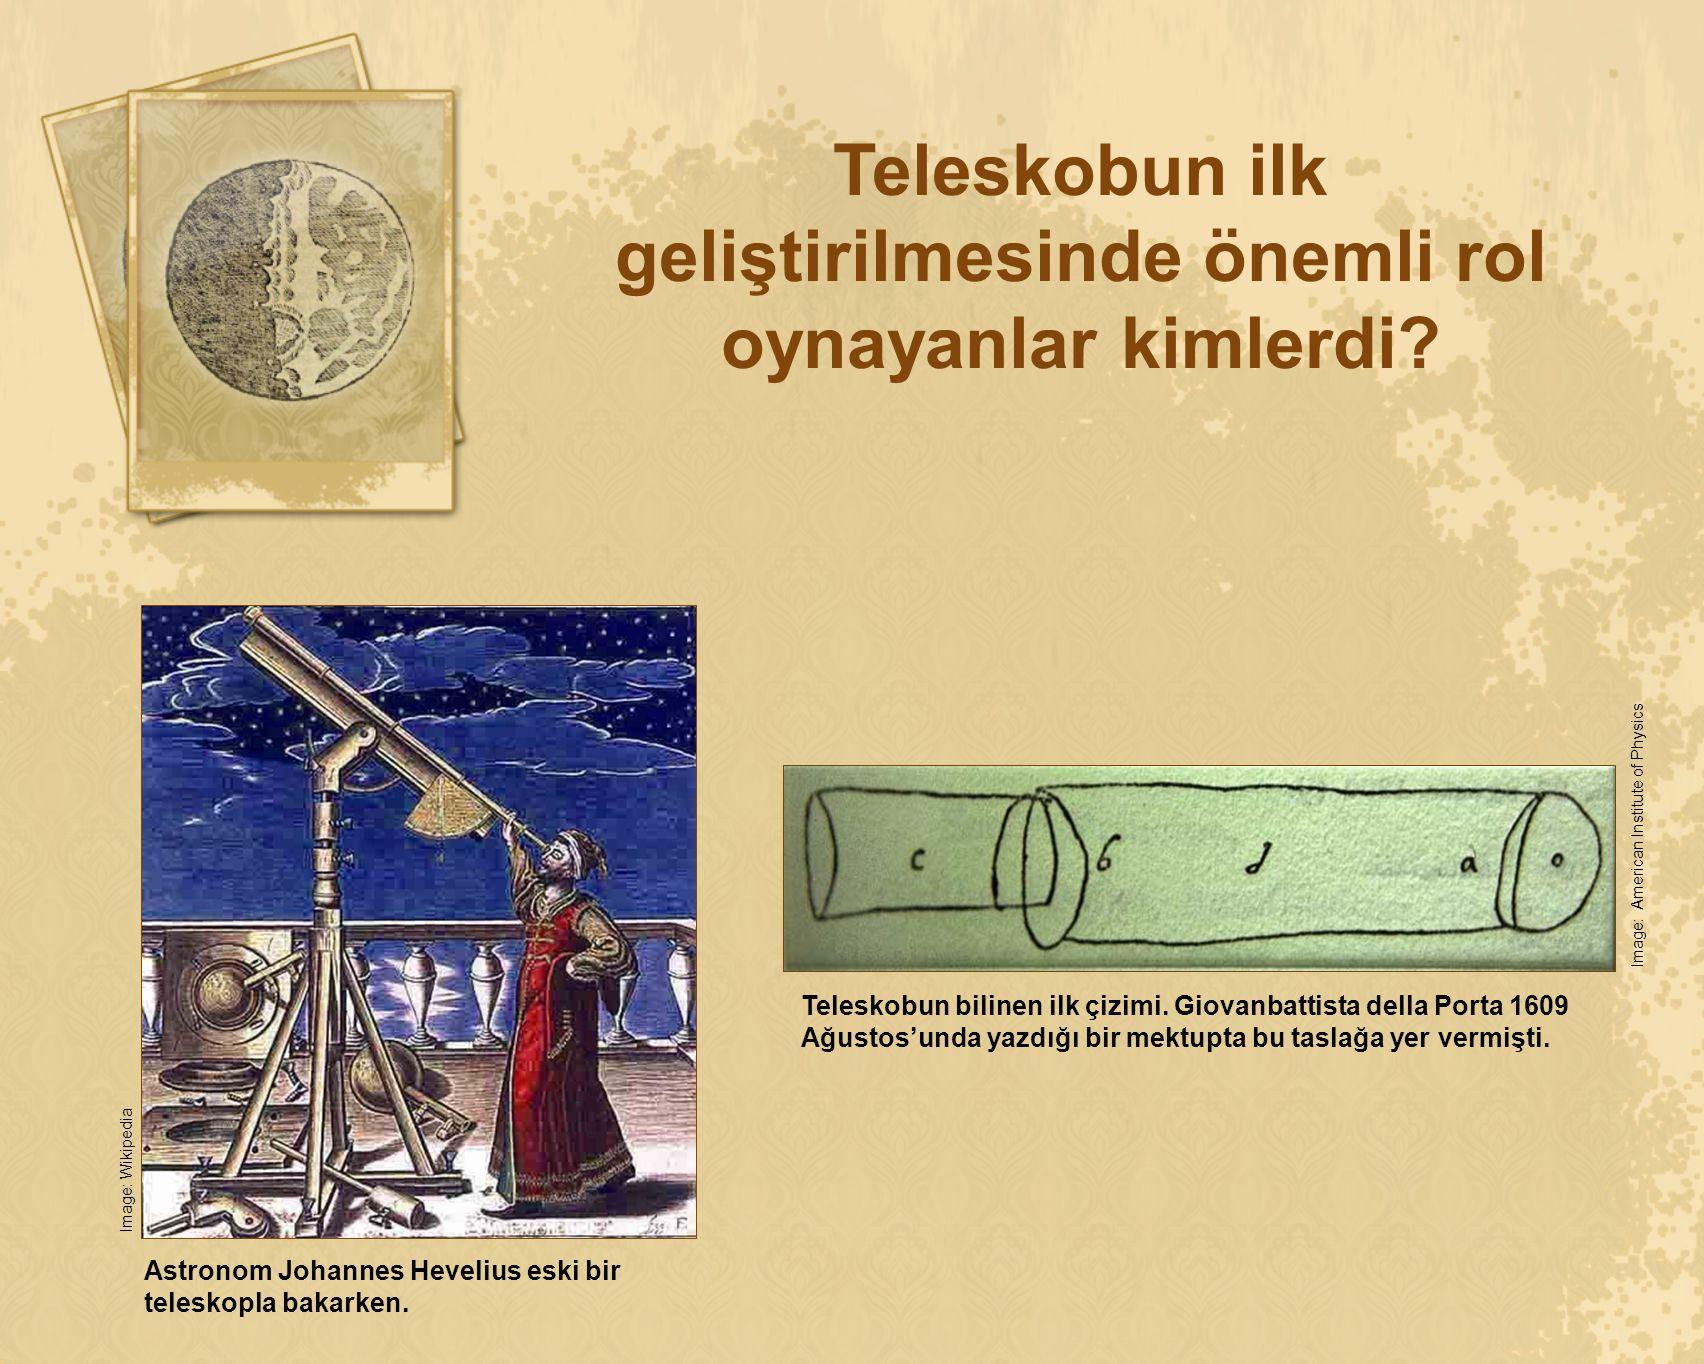 Teleskobun ilk geliştirilmesinde önemli rol oynayanlar kimlerdi? Astronom Johannes Hevelius eski bir teleskopla bakarken. Image: Wikipedia Teleskobun